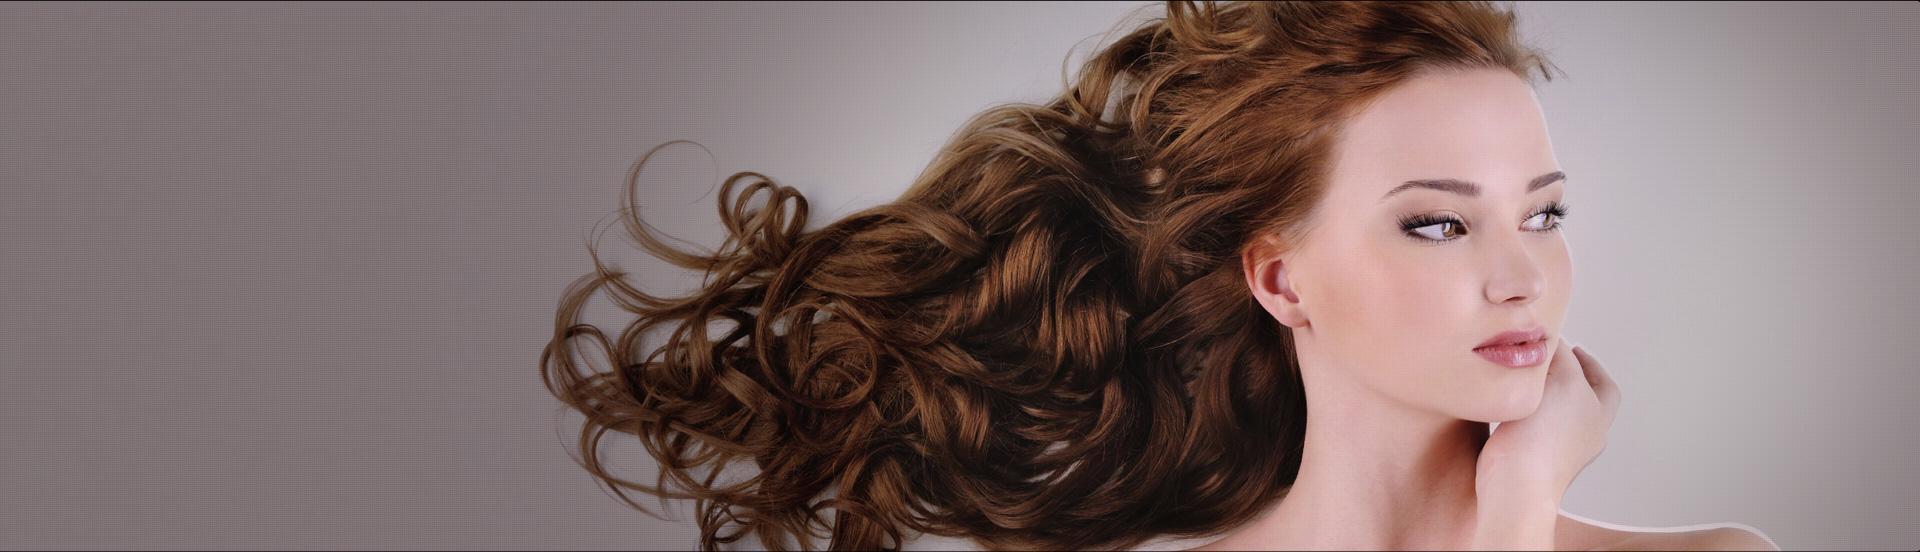 رشد و تقویت مو راهنمایی نهایی